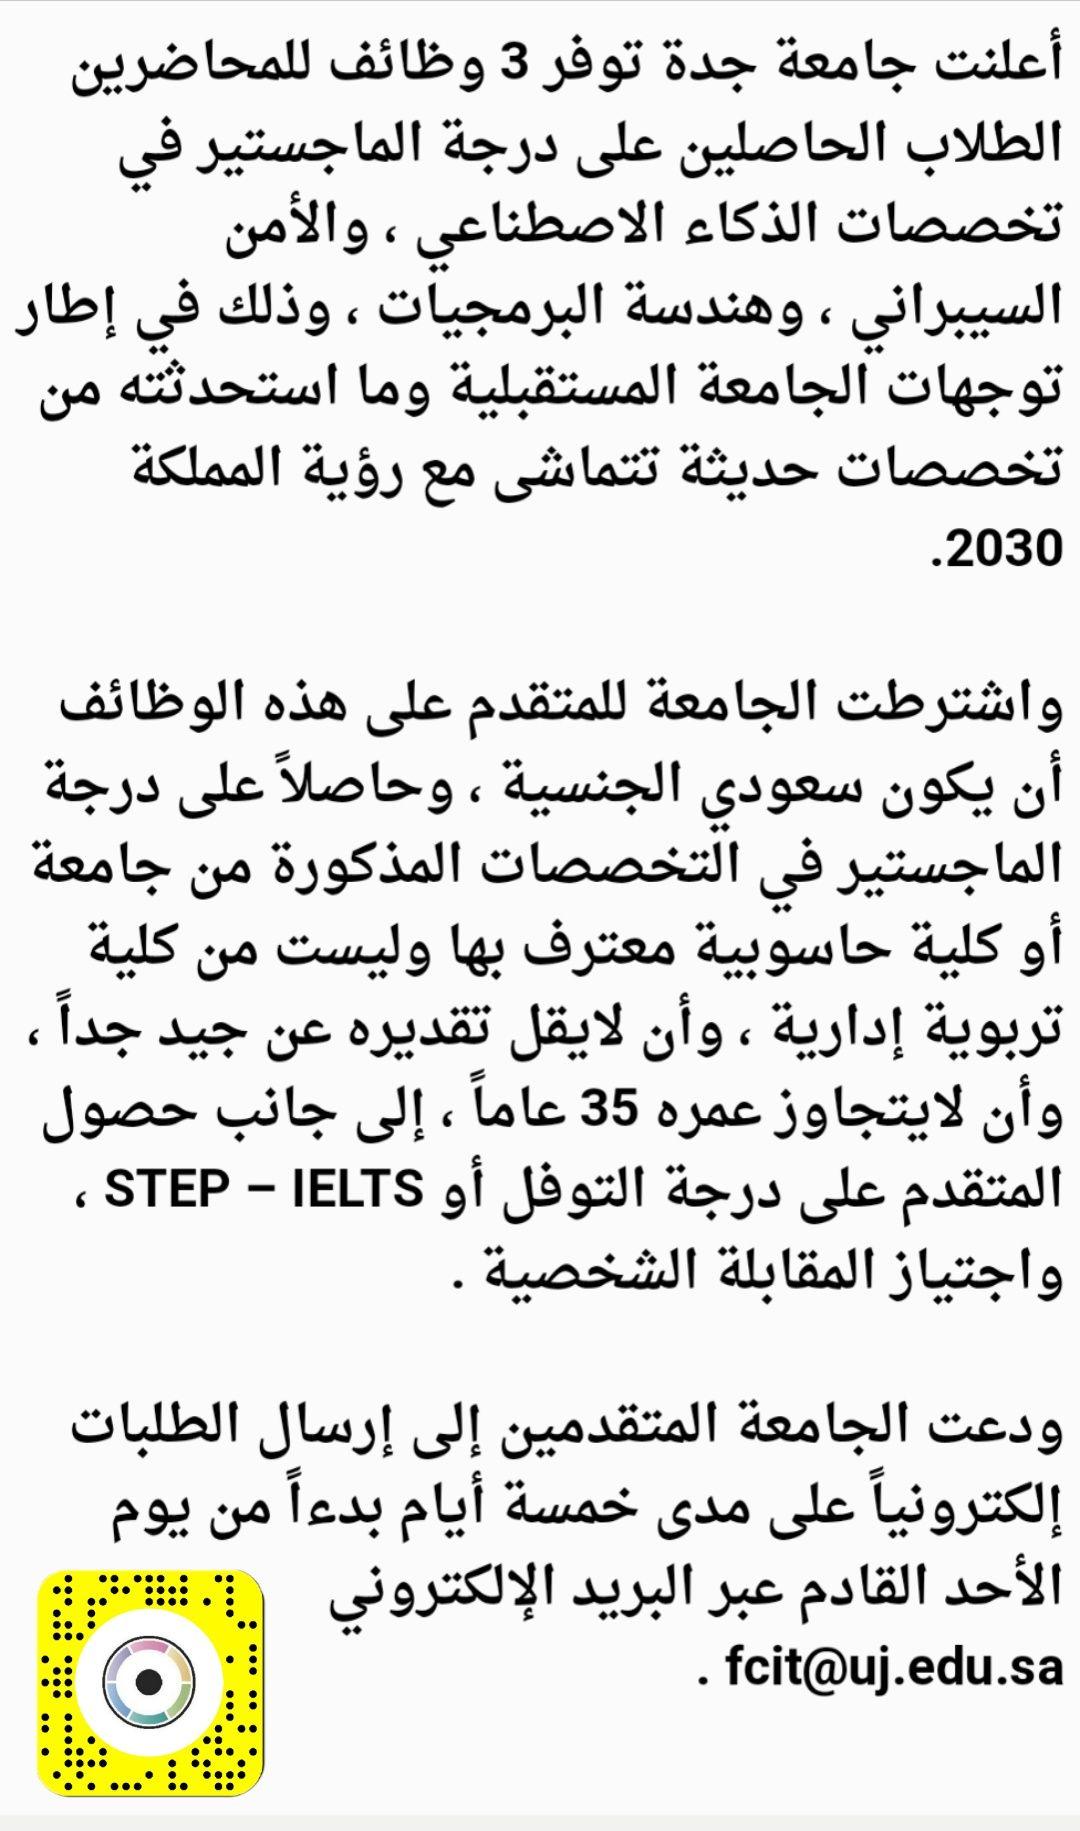 جامعة جدة تعلن وظائف شاغرة في عدة تخصصات Words Word Search Puzzle Math